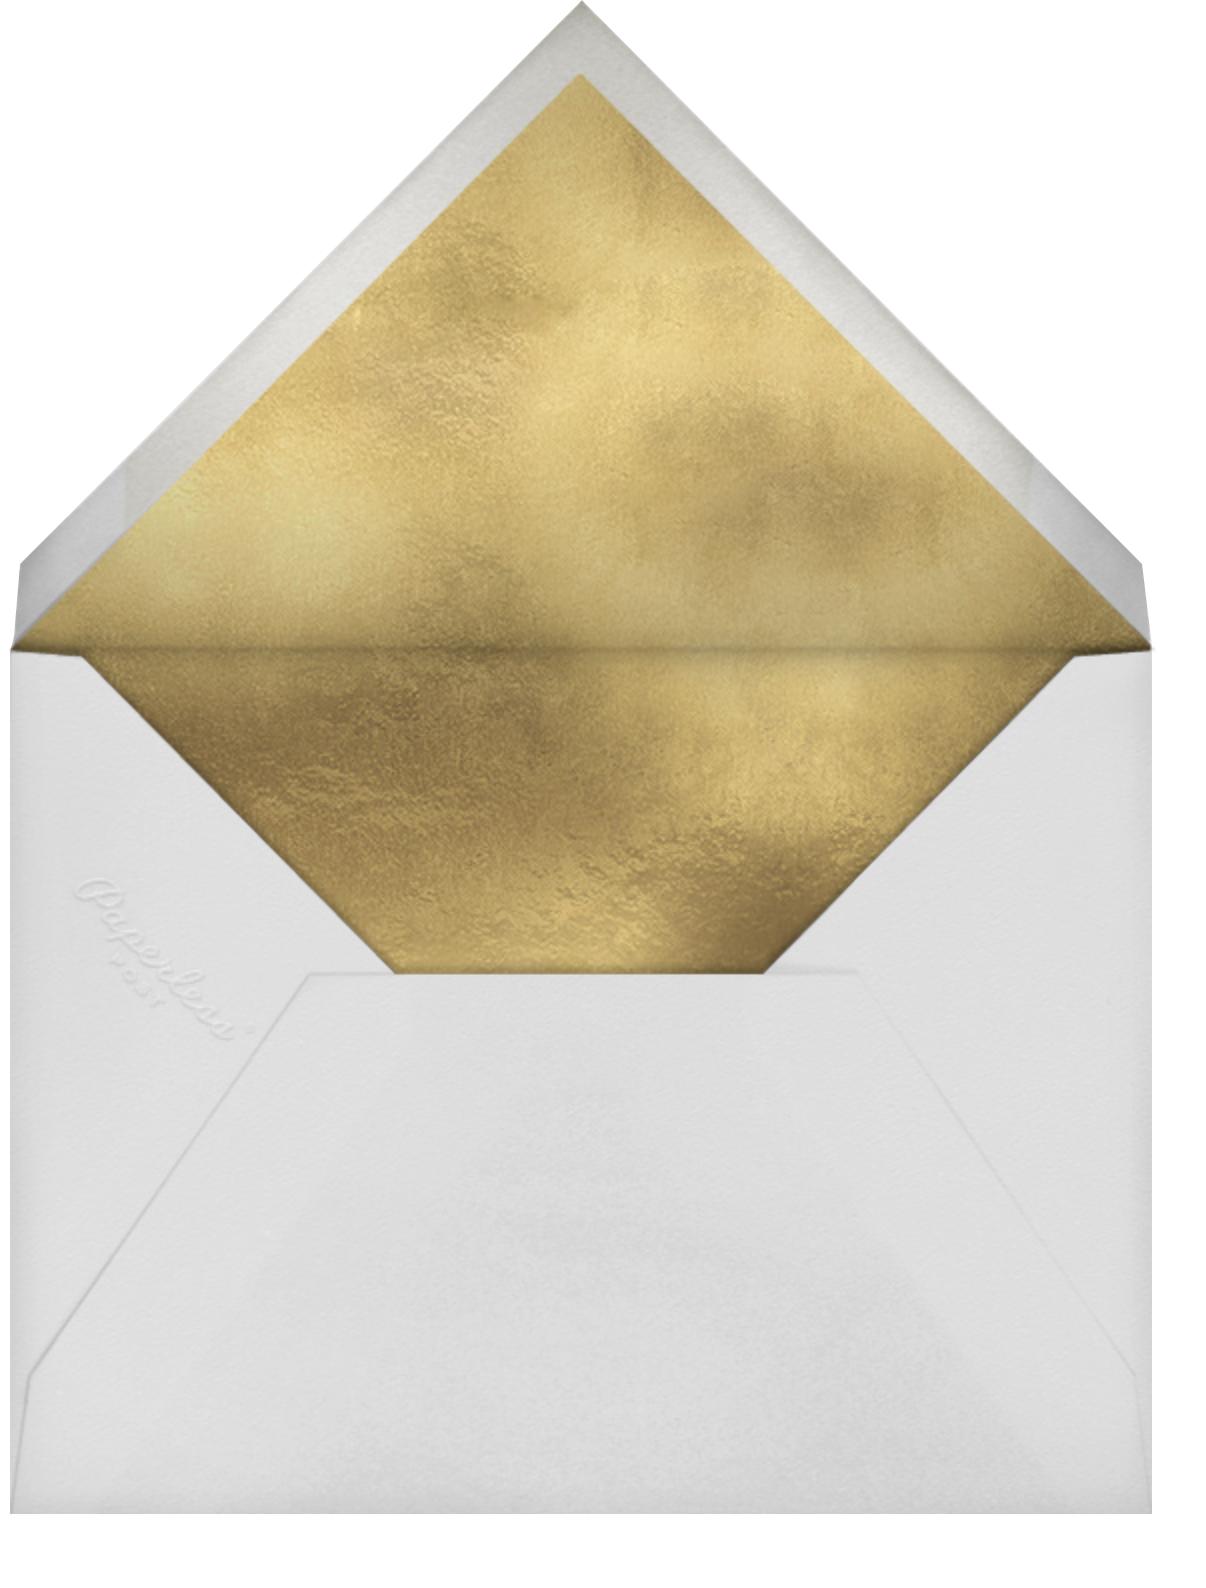 Gold Unikko Photo - Marimekko - Envelope